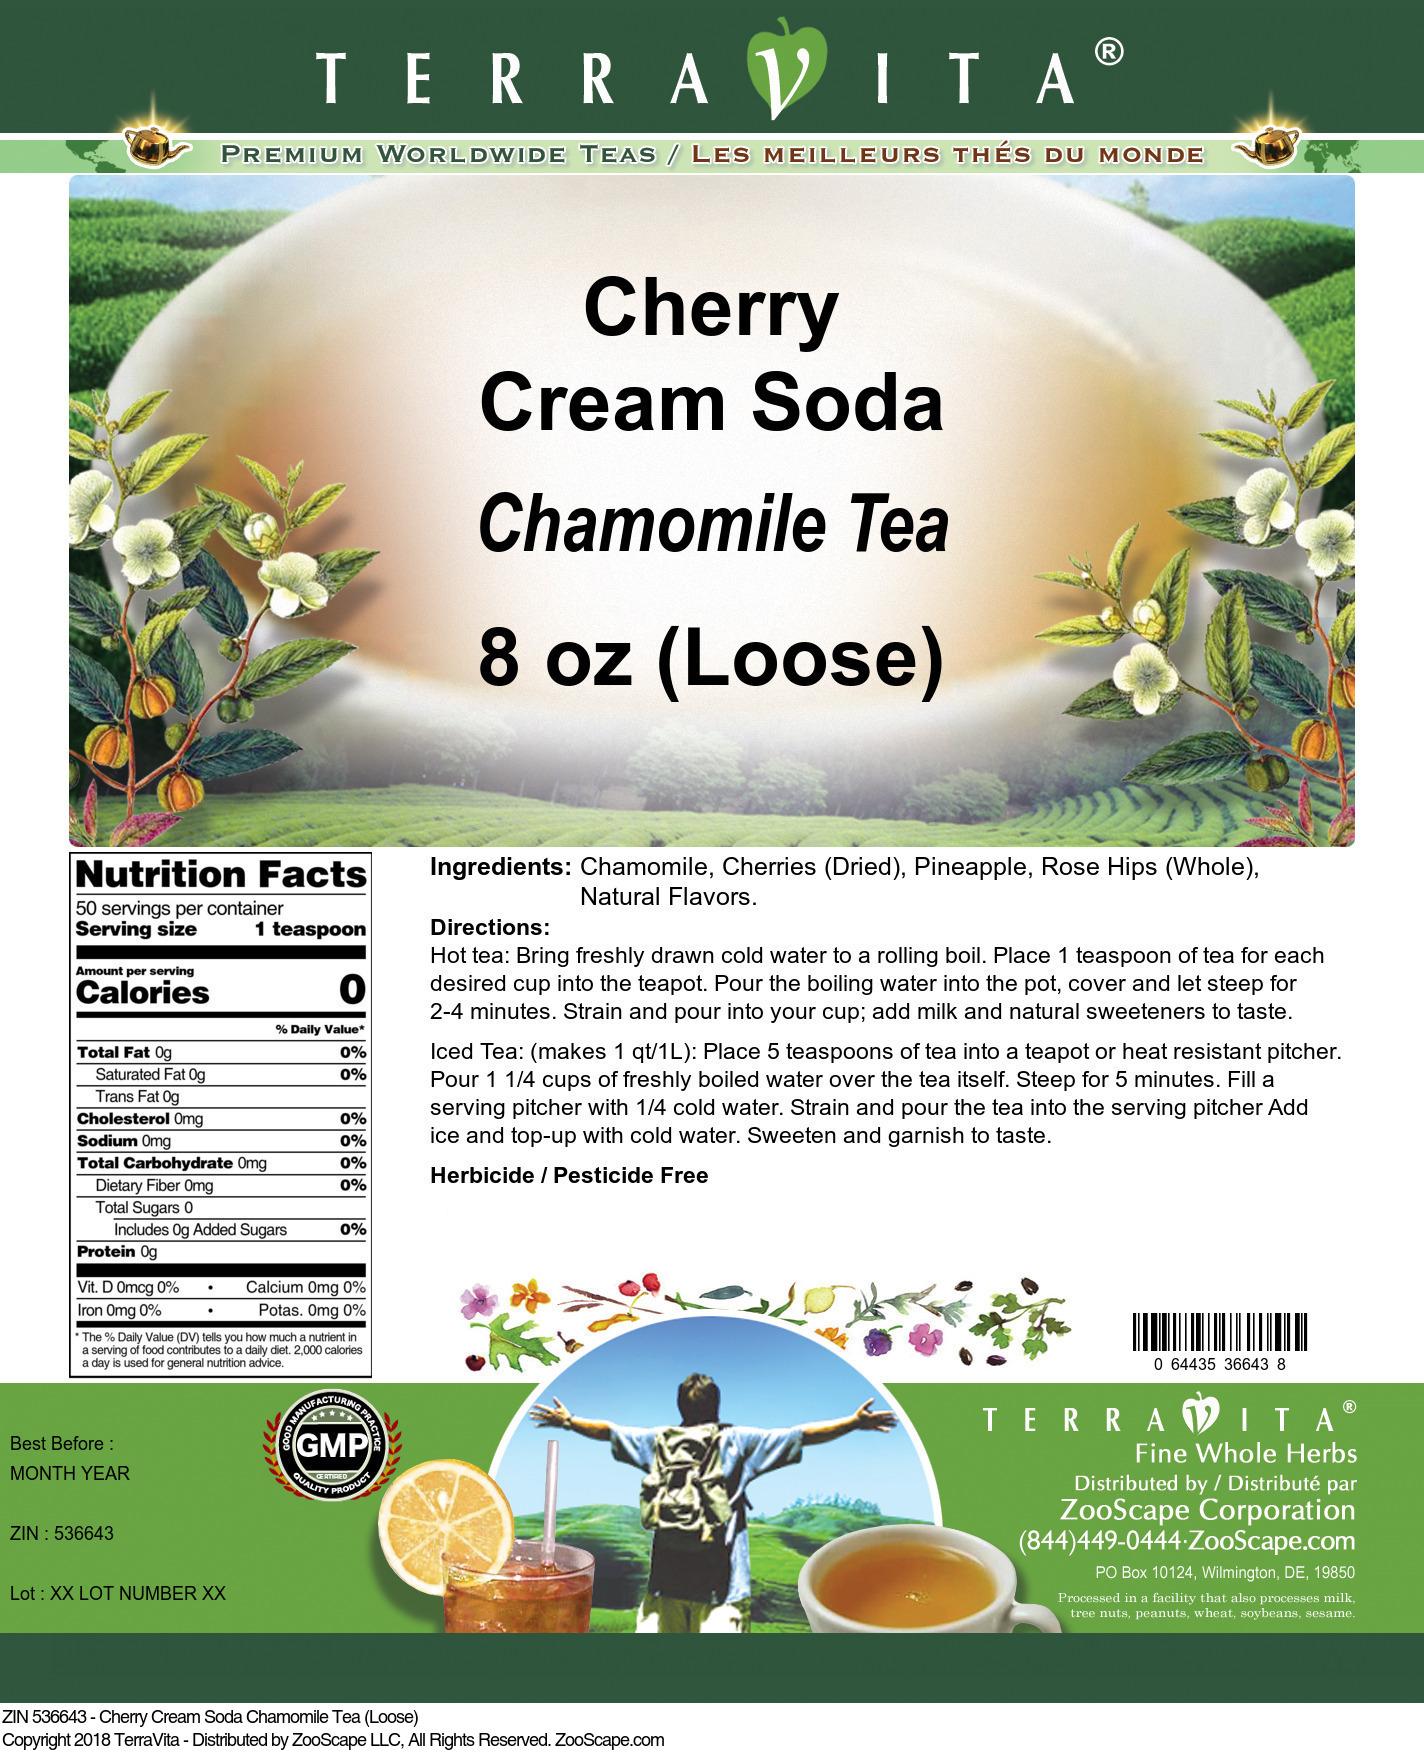 Cherry Cream Soda Chamomile Tea